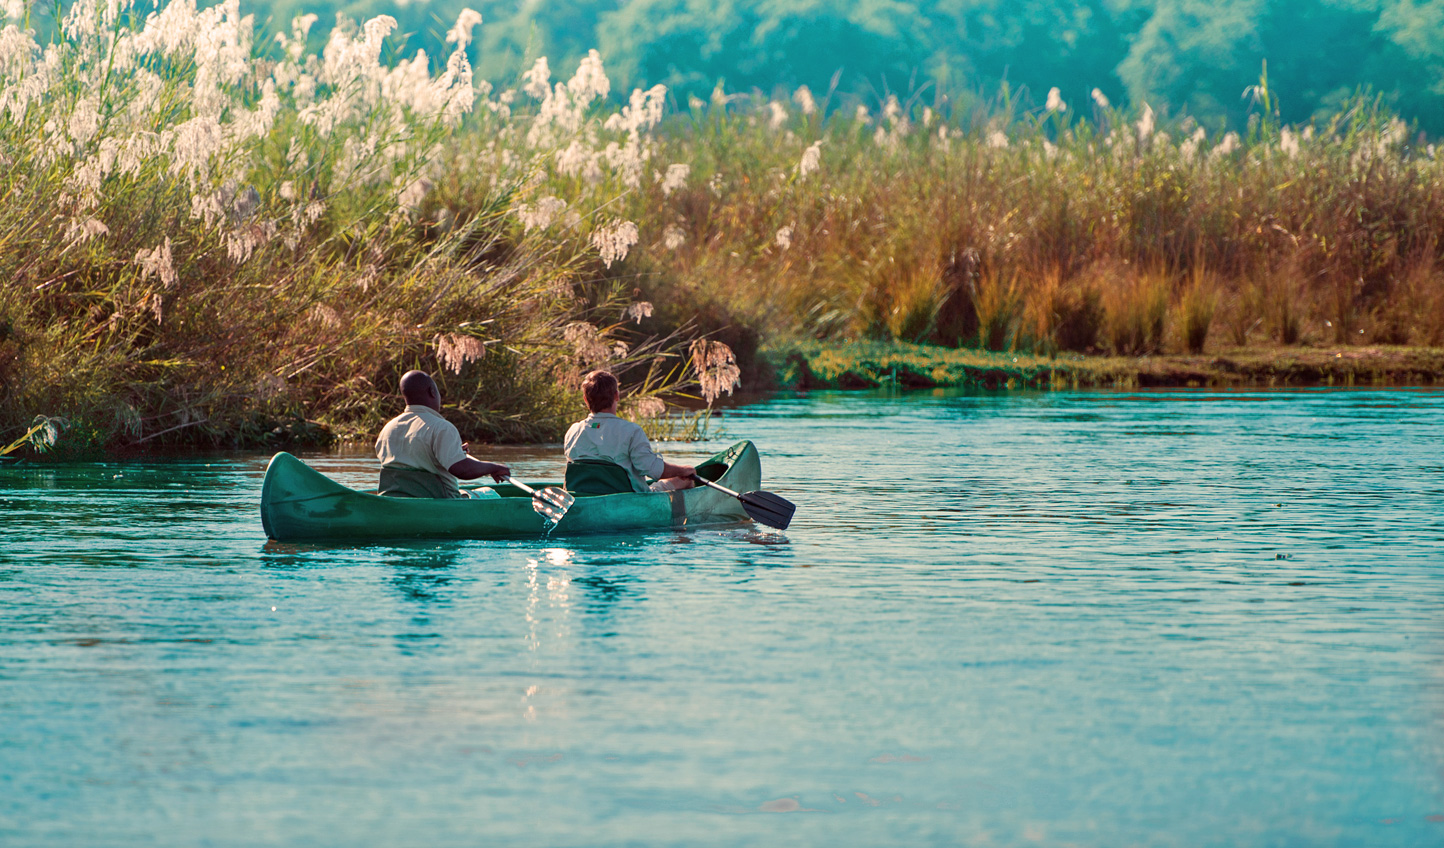 Discover the Lower Zambezi by canoe